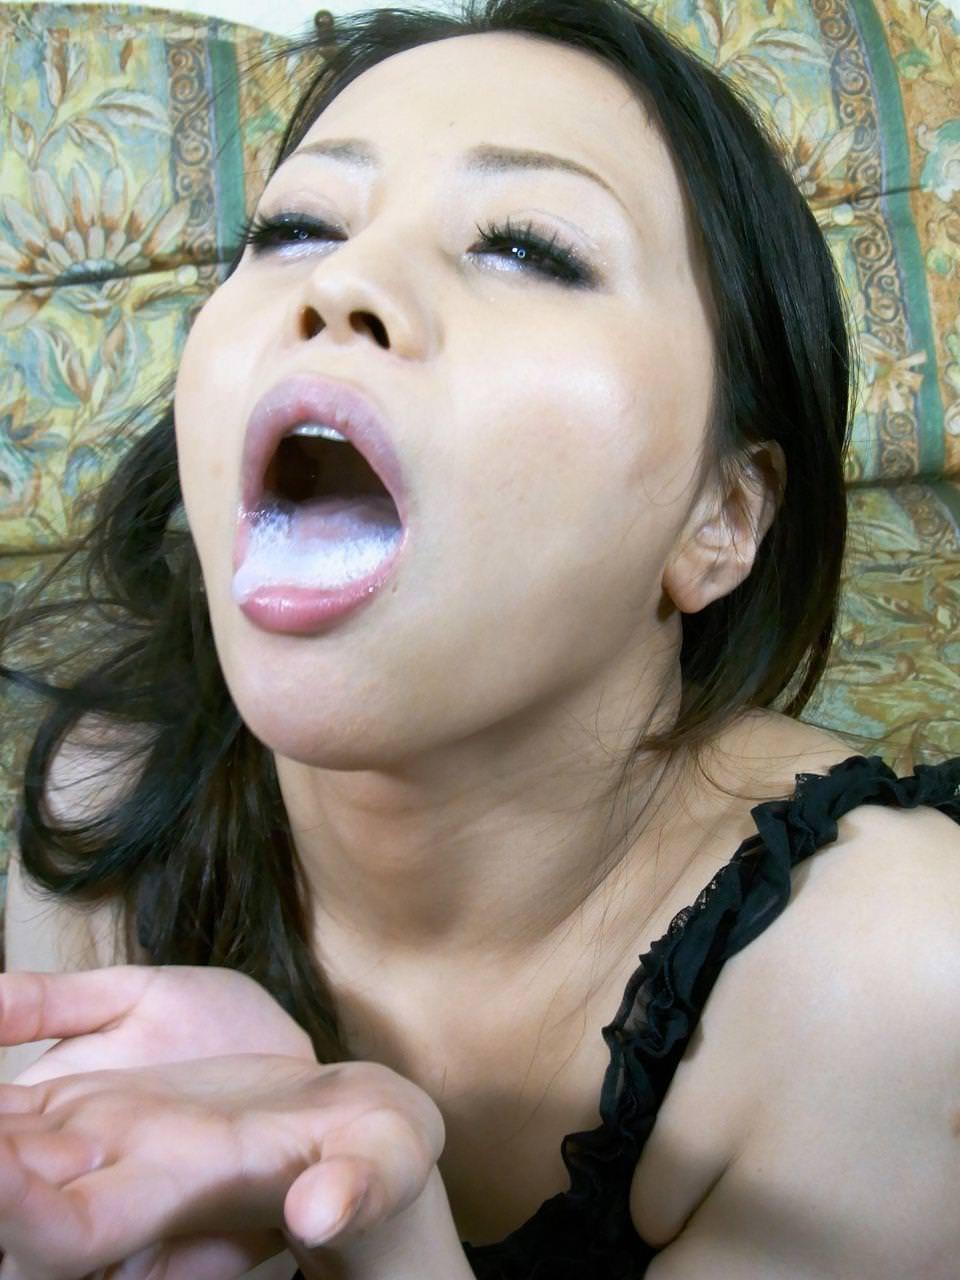 口からザーメンが溢れてる口内射精 15